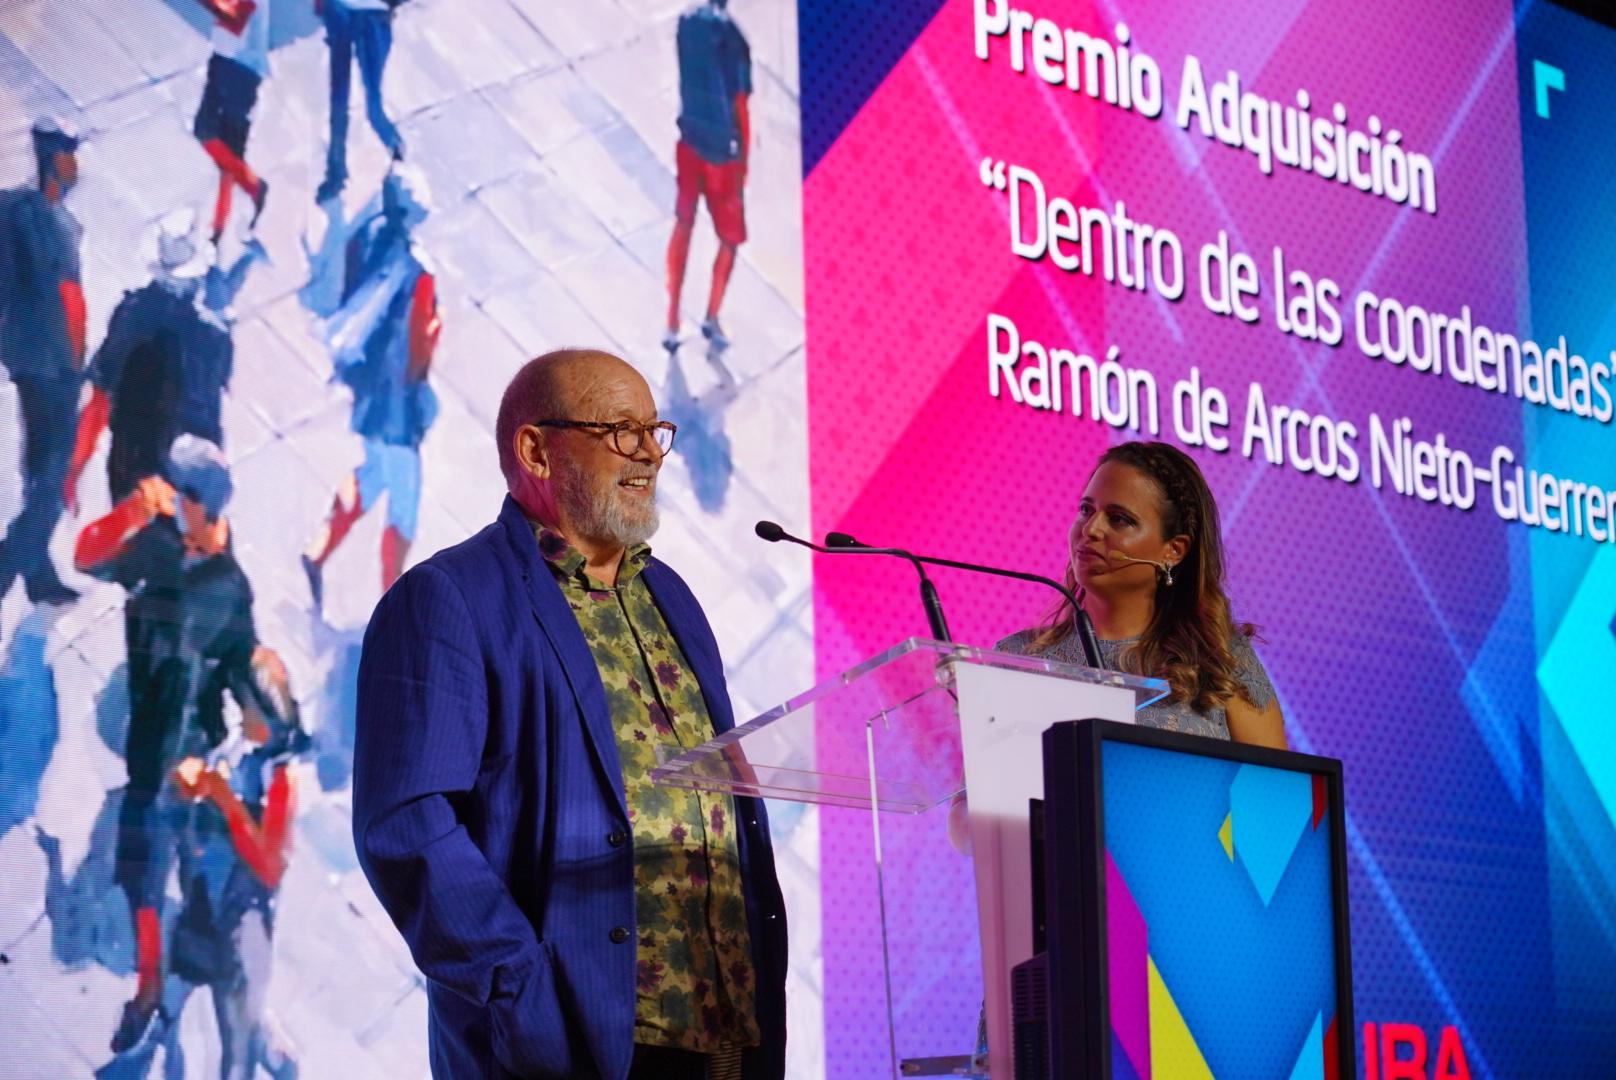 premios-ciudad-badajoz-2019-cultba-05